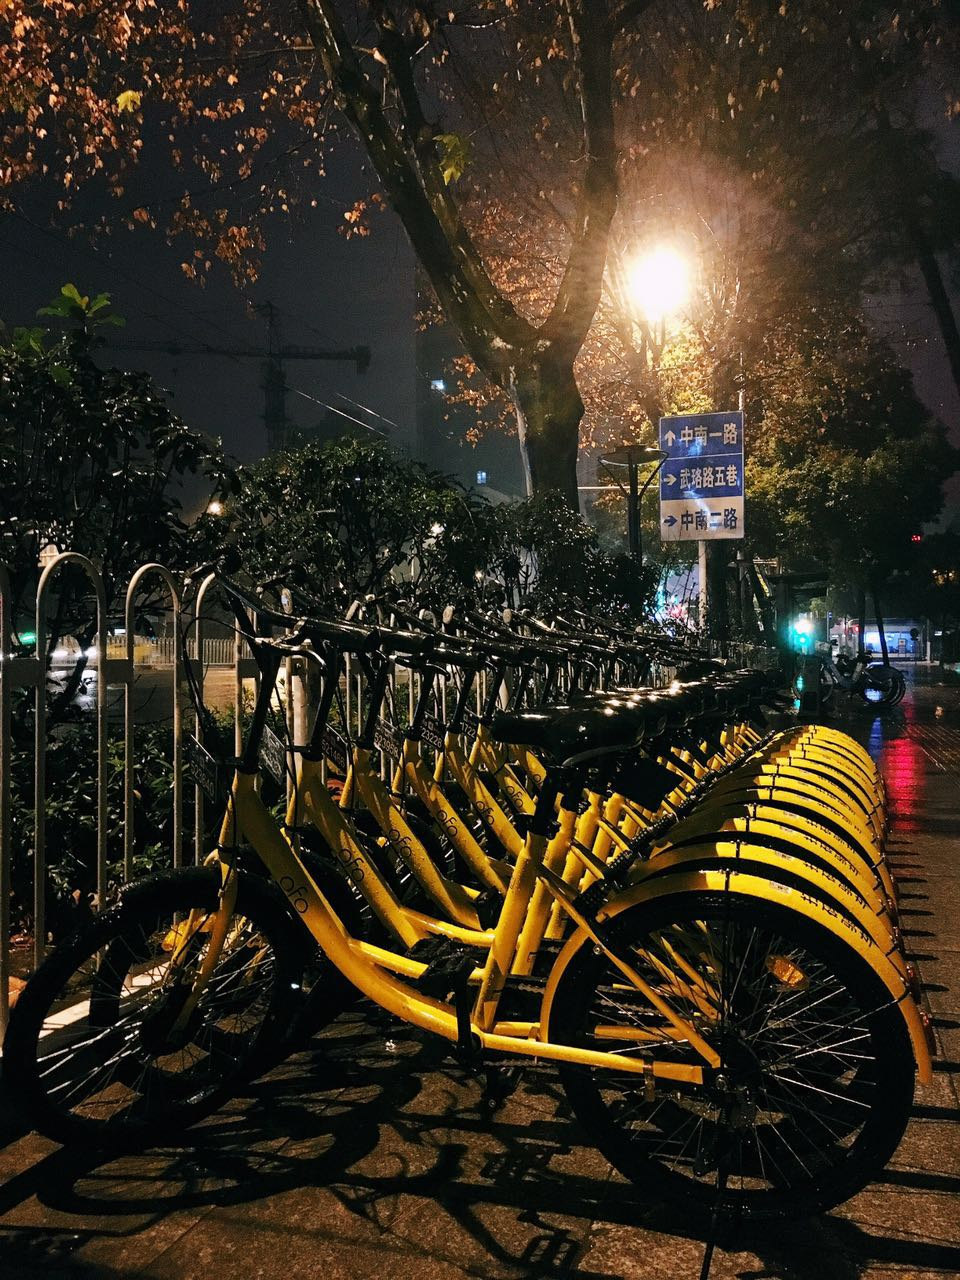 荆楚网消息 (记者 杨不二)1月6日,ofo正式宣布进入武汉,将率先在武汉地铁2号线、4号线沿线的多个热门商圈、地铁交通枢纽站点、写字楼投放共享单车。今后武汉市民除可以用小黄车进行地铁+小黄车出行外,还可享受随时随地有车骑带来的便捷体验。 据悉,先期投放的小黄车将遍布光谷、软件园、中南路、街道口、广埠屯、积玉桥、楚河汉街、武汉广场等城市核心区。 ofo武汉负责人介绍,首批试点的1000辆小黄车将会投放在软件园、光谷、中南、街道口四个地段,主要集中在三环内的洪山区、武昌区和汉江区。 ofo 将结合武